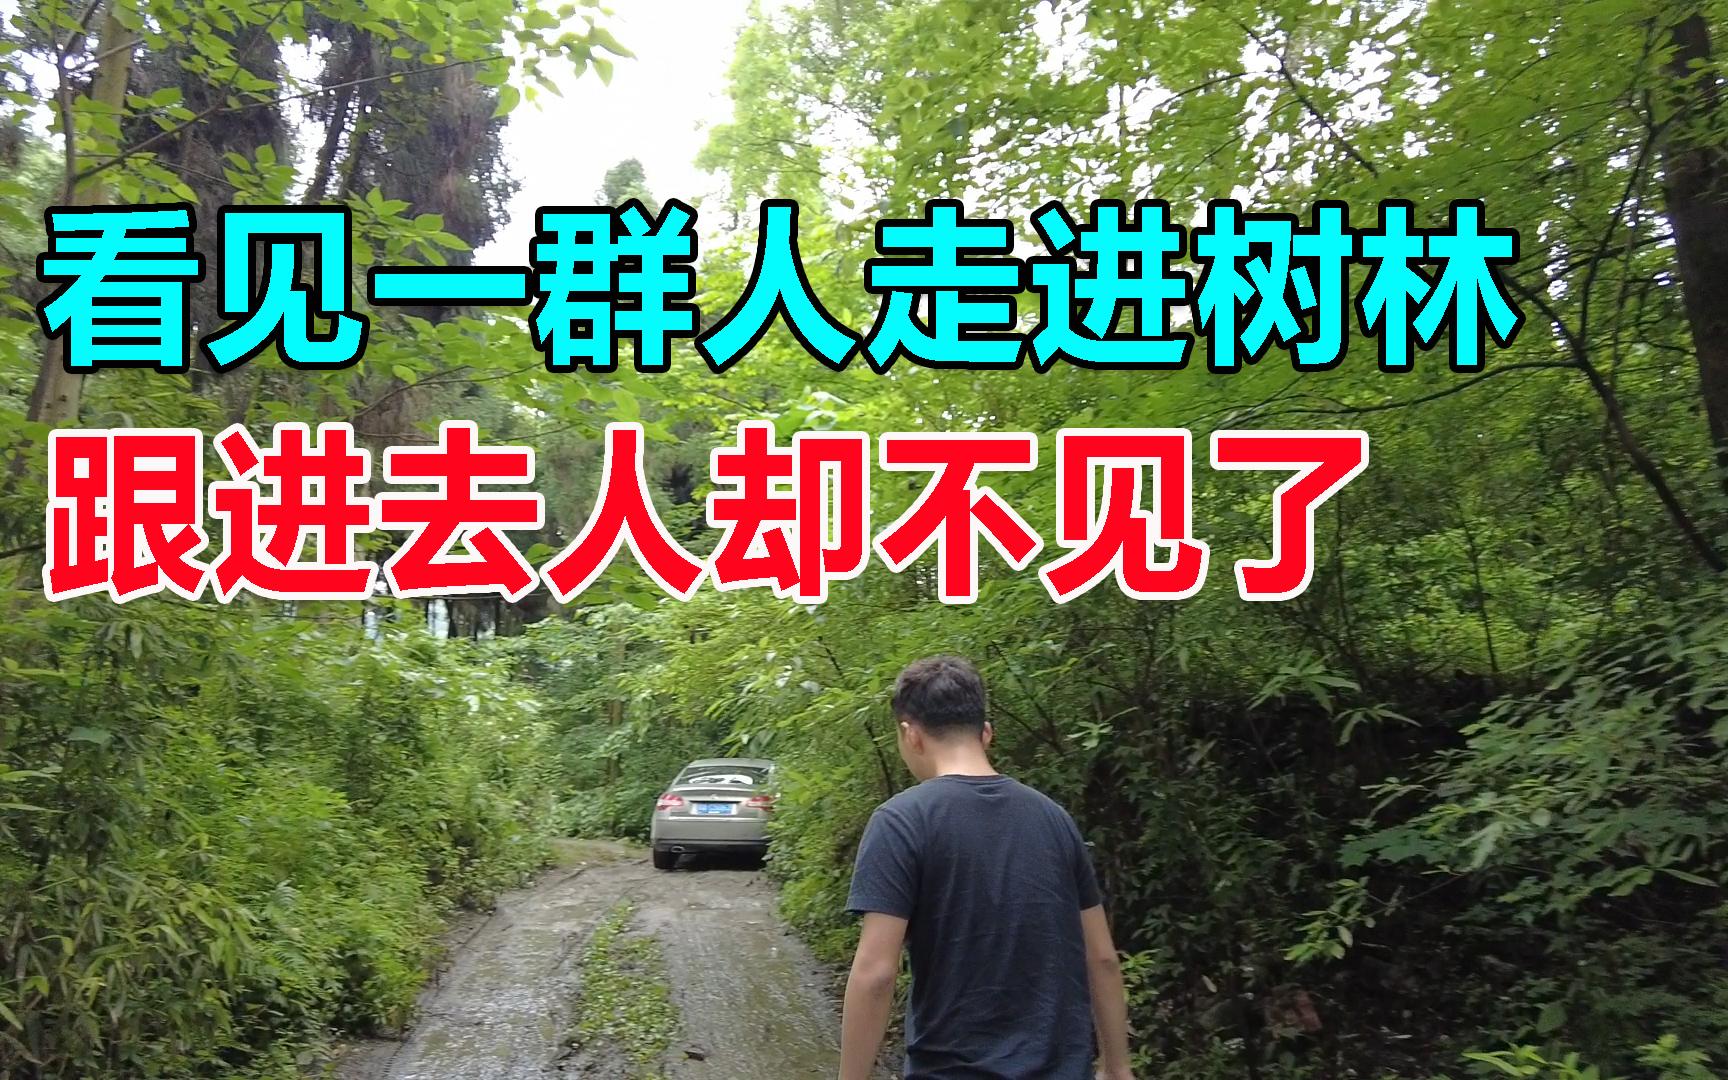 自驾来到都江堰,好多人走进景区旁的树林,我们跟进去人却不见了